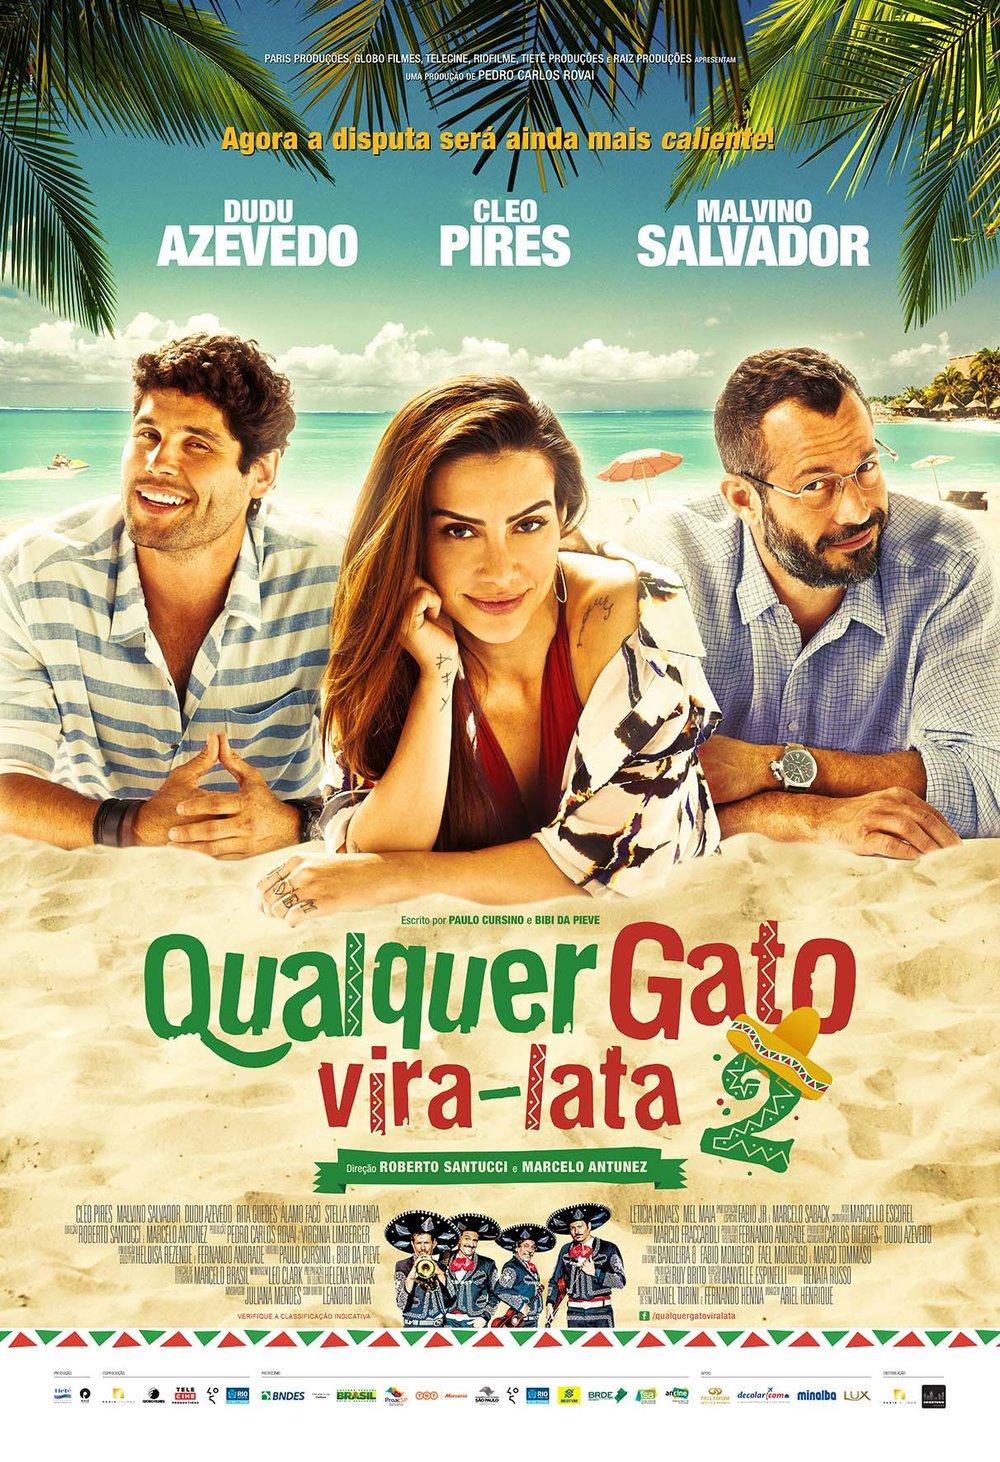 22_QualquerGatoVira-Lata2_Cartaz.jpg